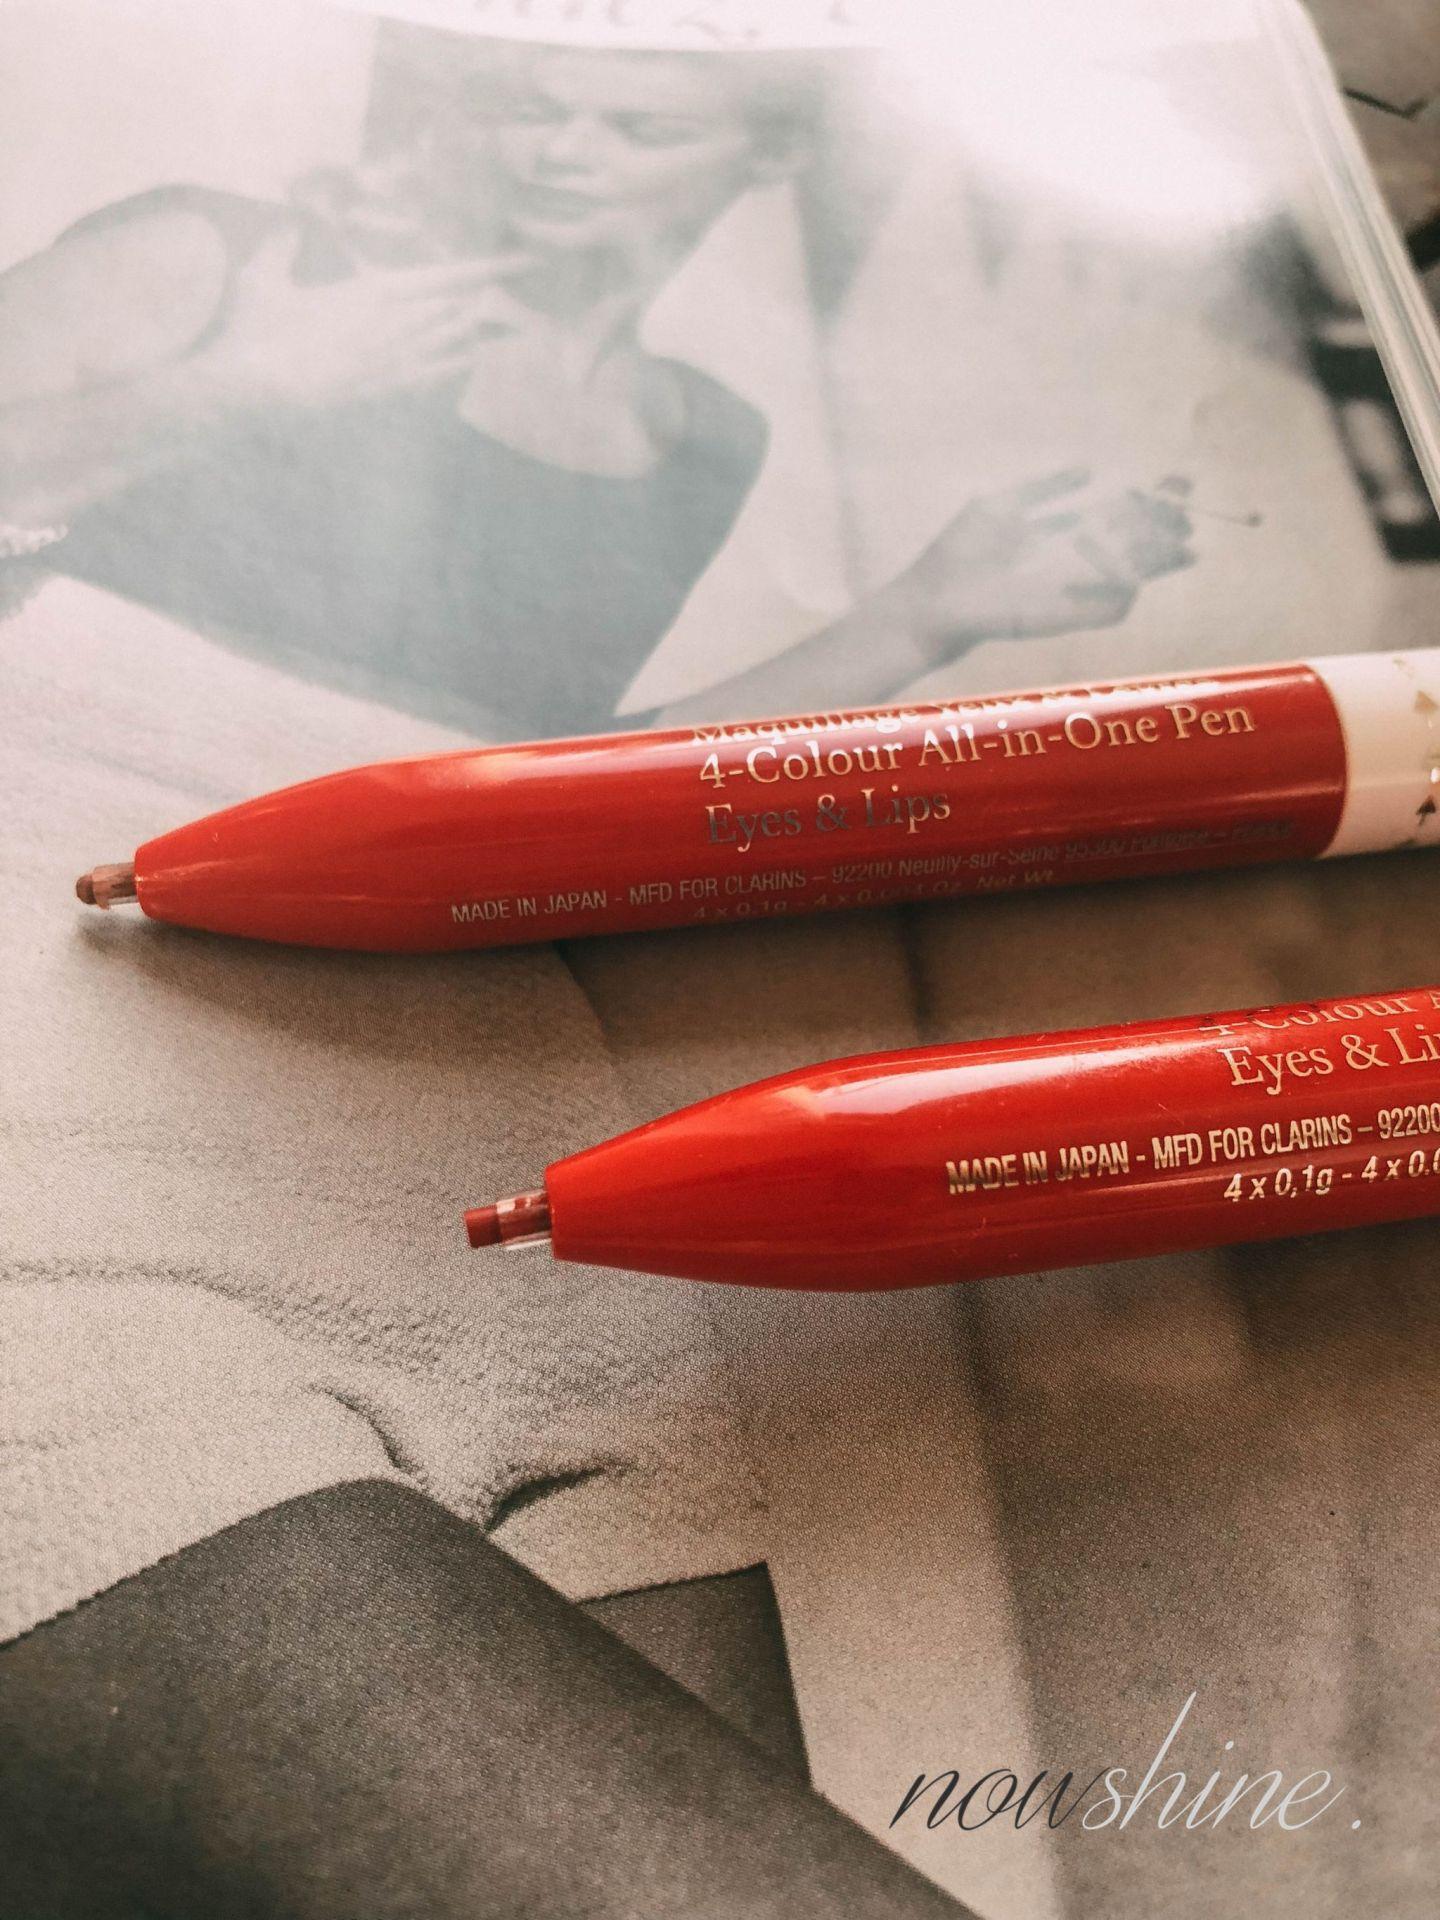 Der Stylo 4 Couleurs von Clarins - Lippenumrandungsstift und Kajal in einem - Nowshine ü 40 Beauty Blog